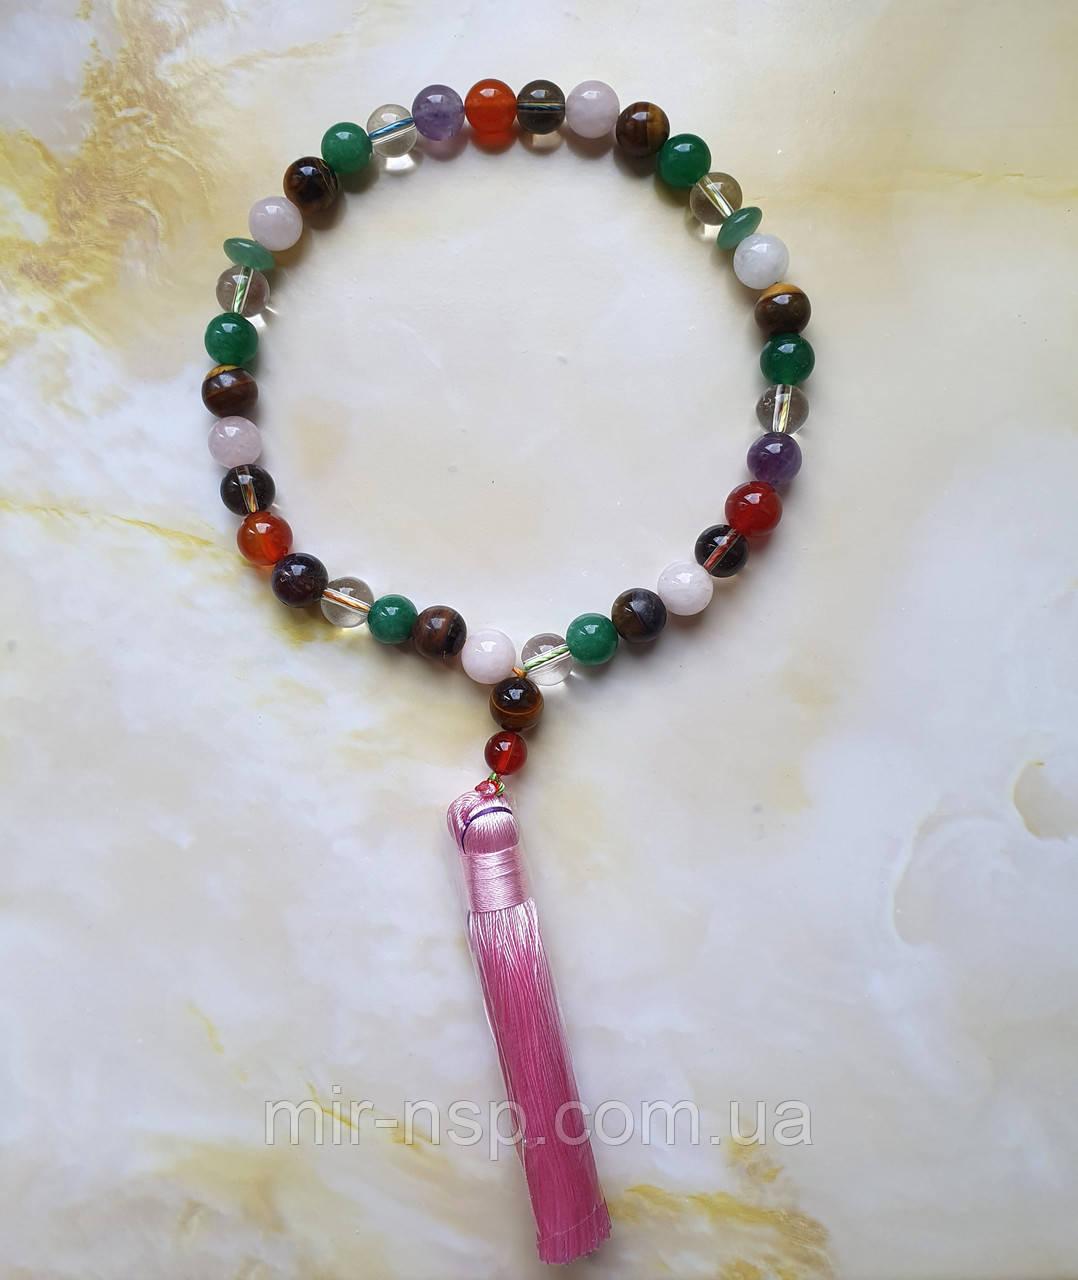 Четки 33 бусины разноцветные из натуральных камней 10 мм